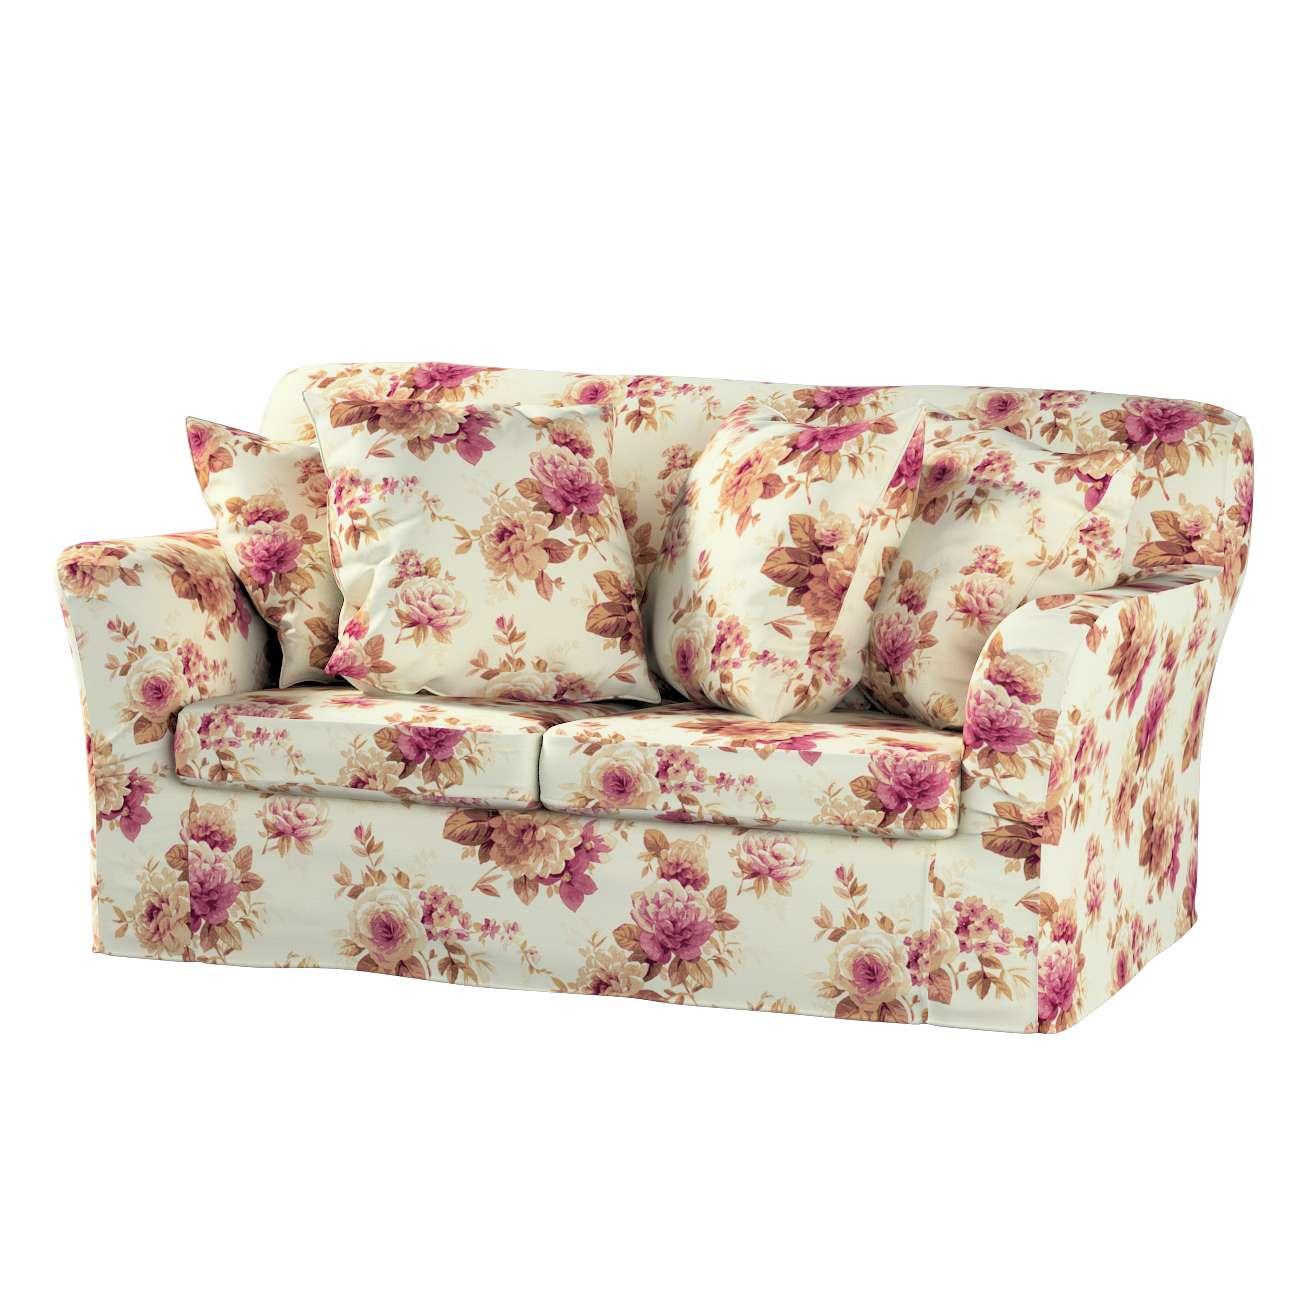 Tomelilla 2-seater sofa cover in collection Mirella, fabric: 141-06